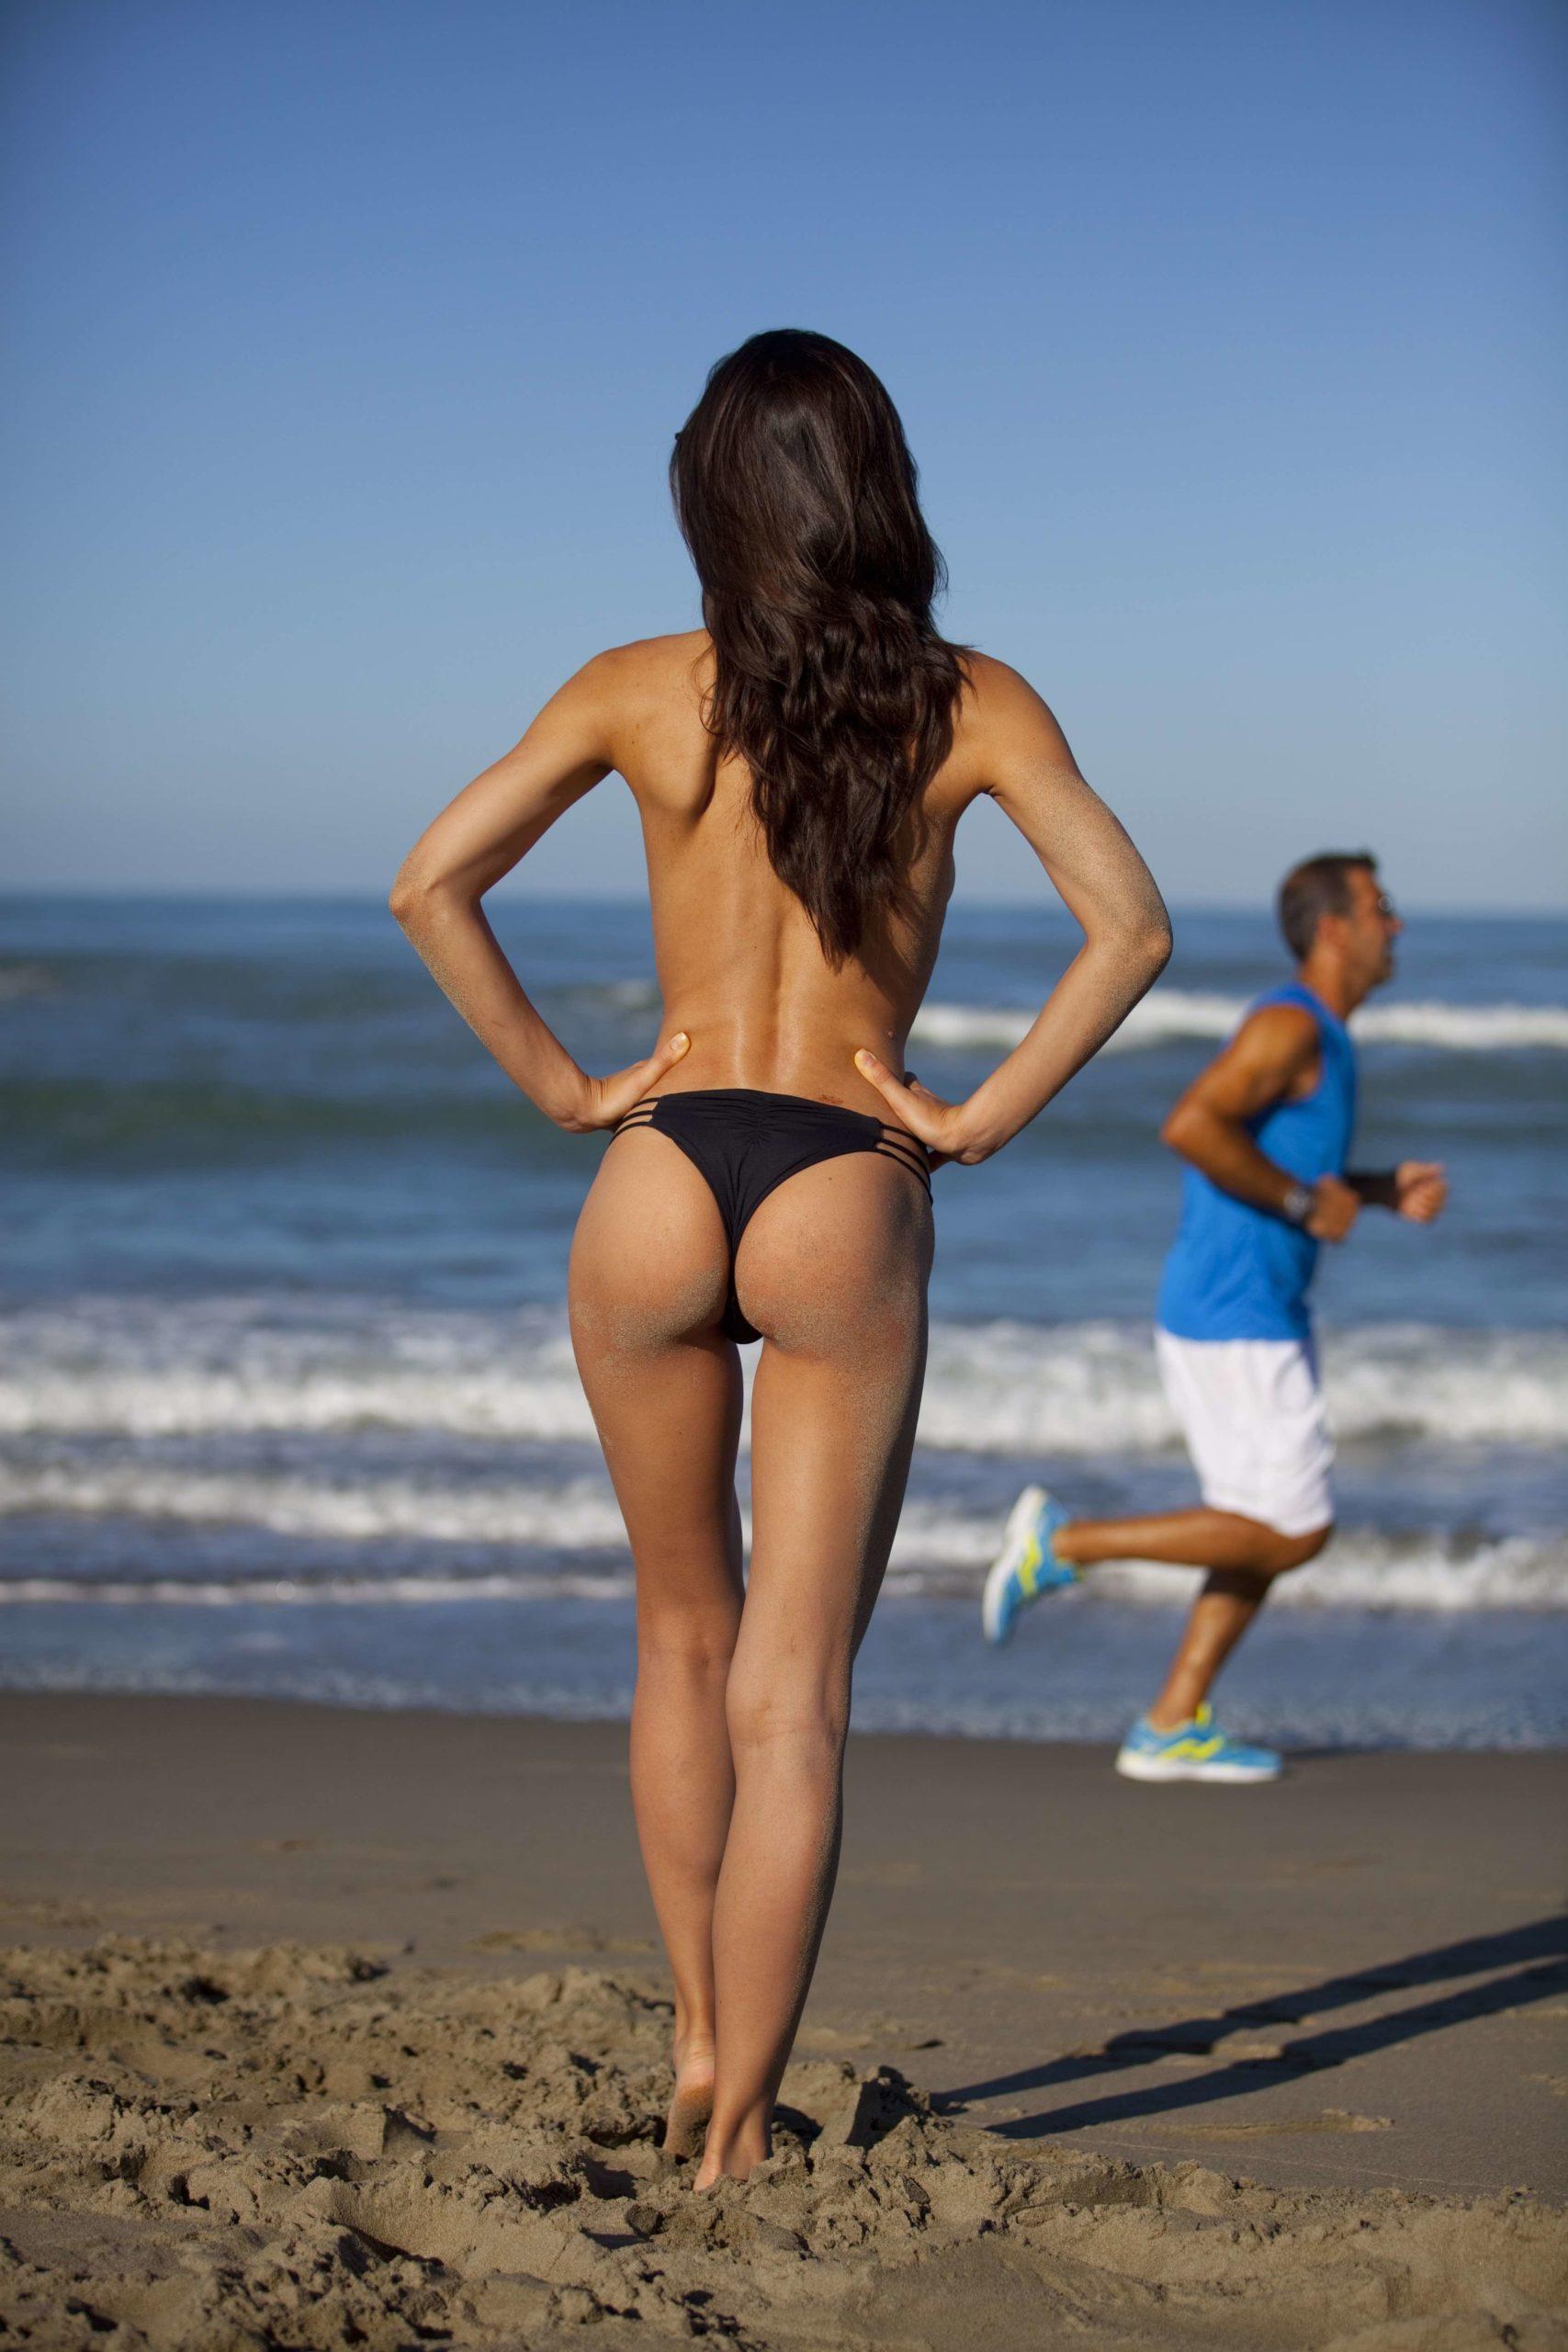 Bild von Beinen und Bauch einer schlanken Frau.